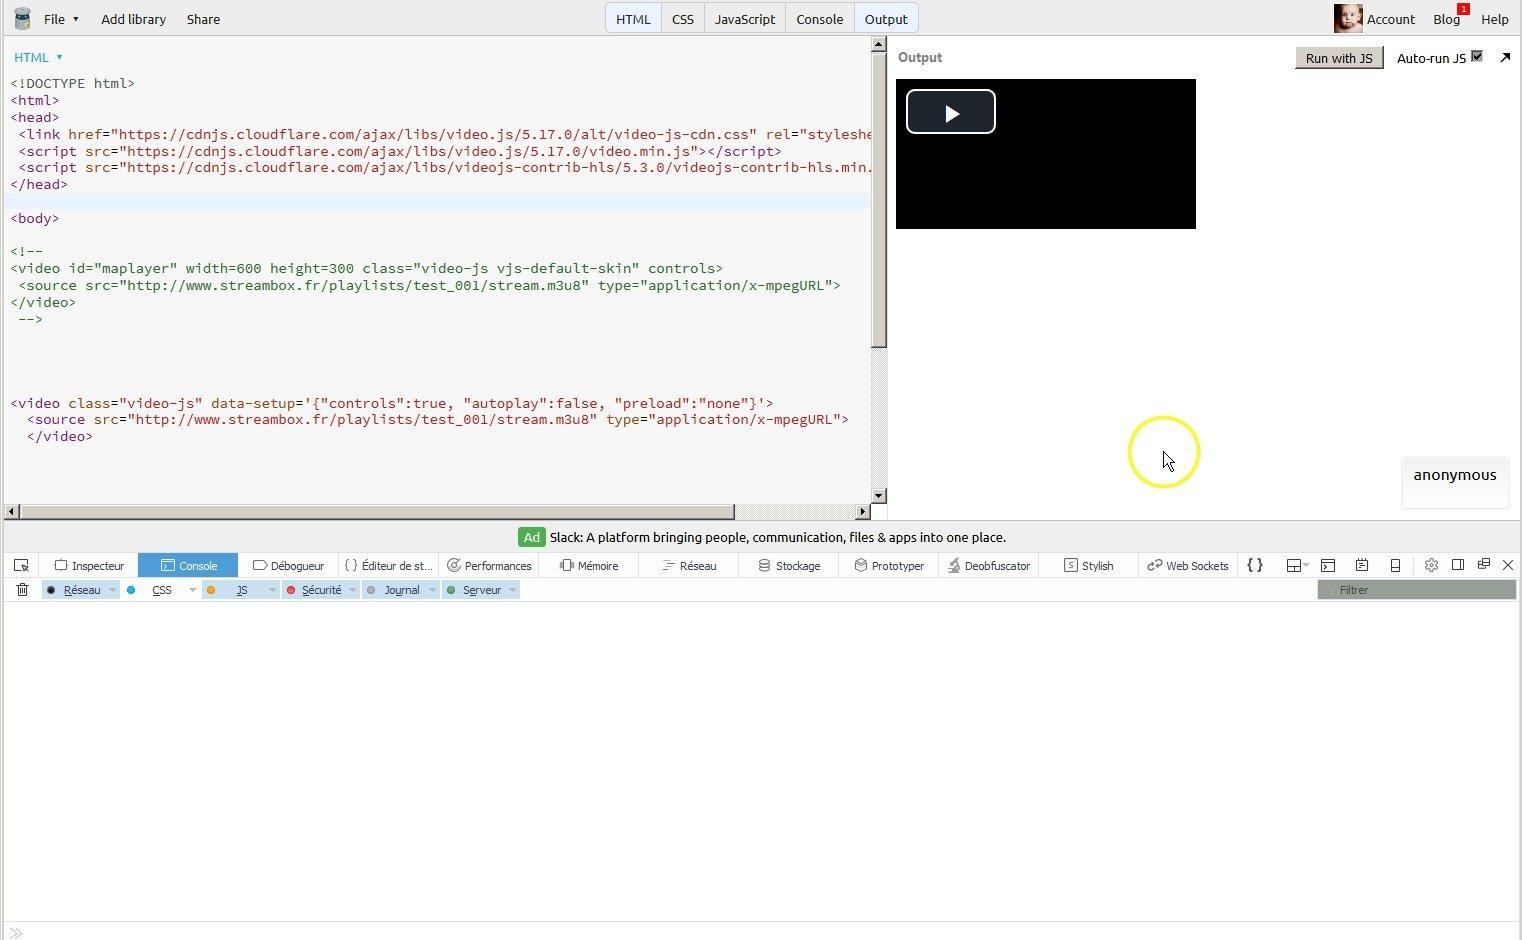 Video JS/videojs-contrib-hls bug with m3u8